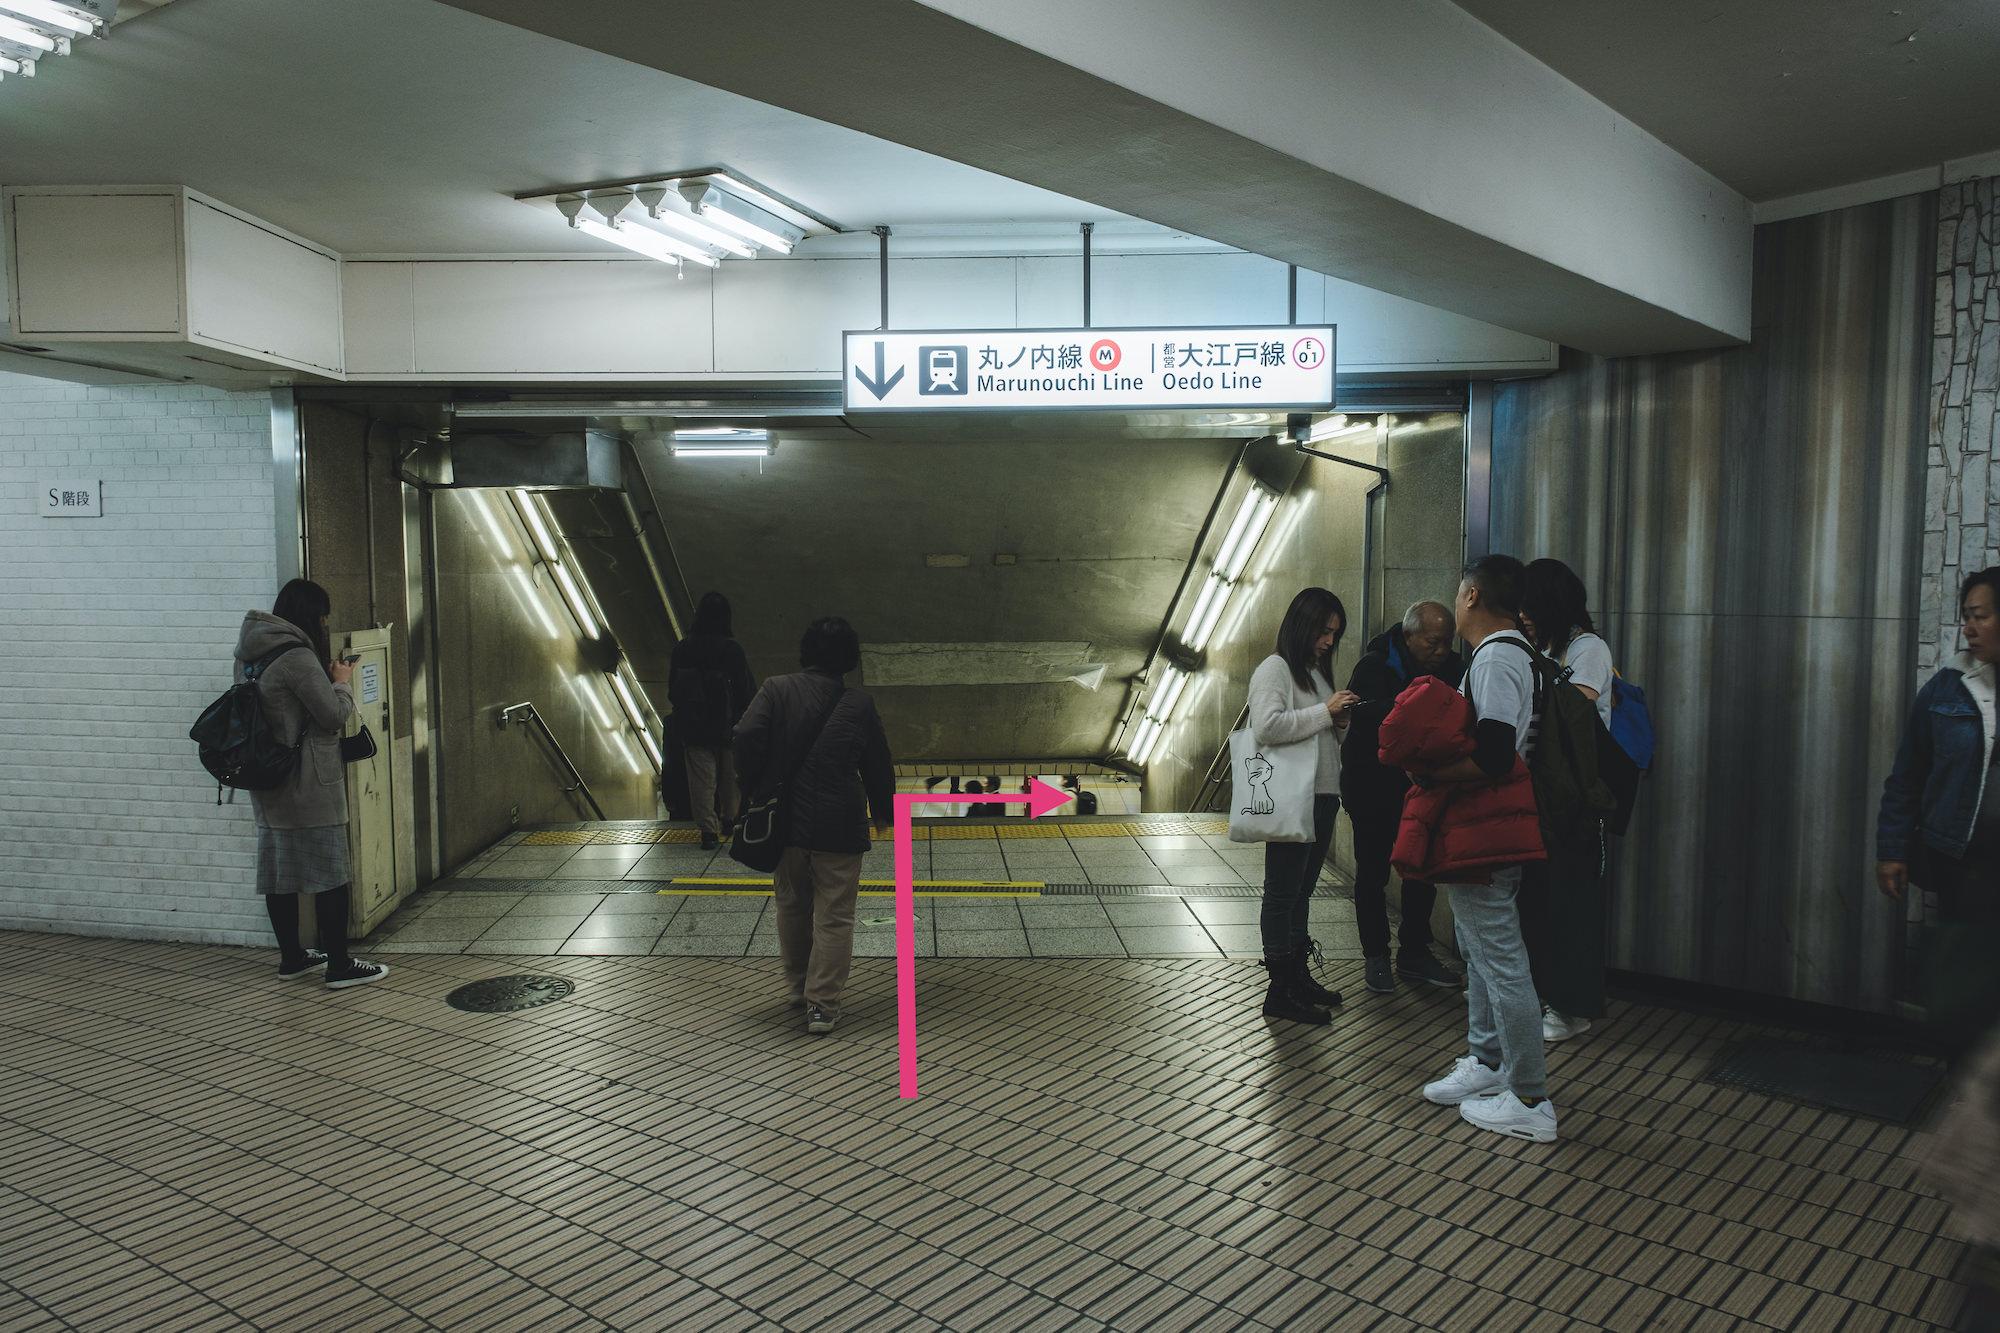 丸ノ内線方面の階段を下り、右へ曲がって直進します。